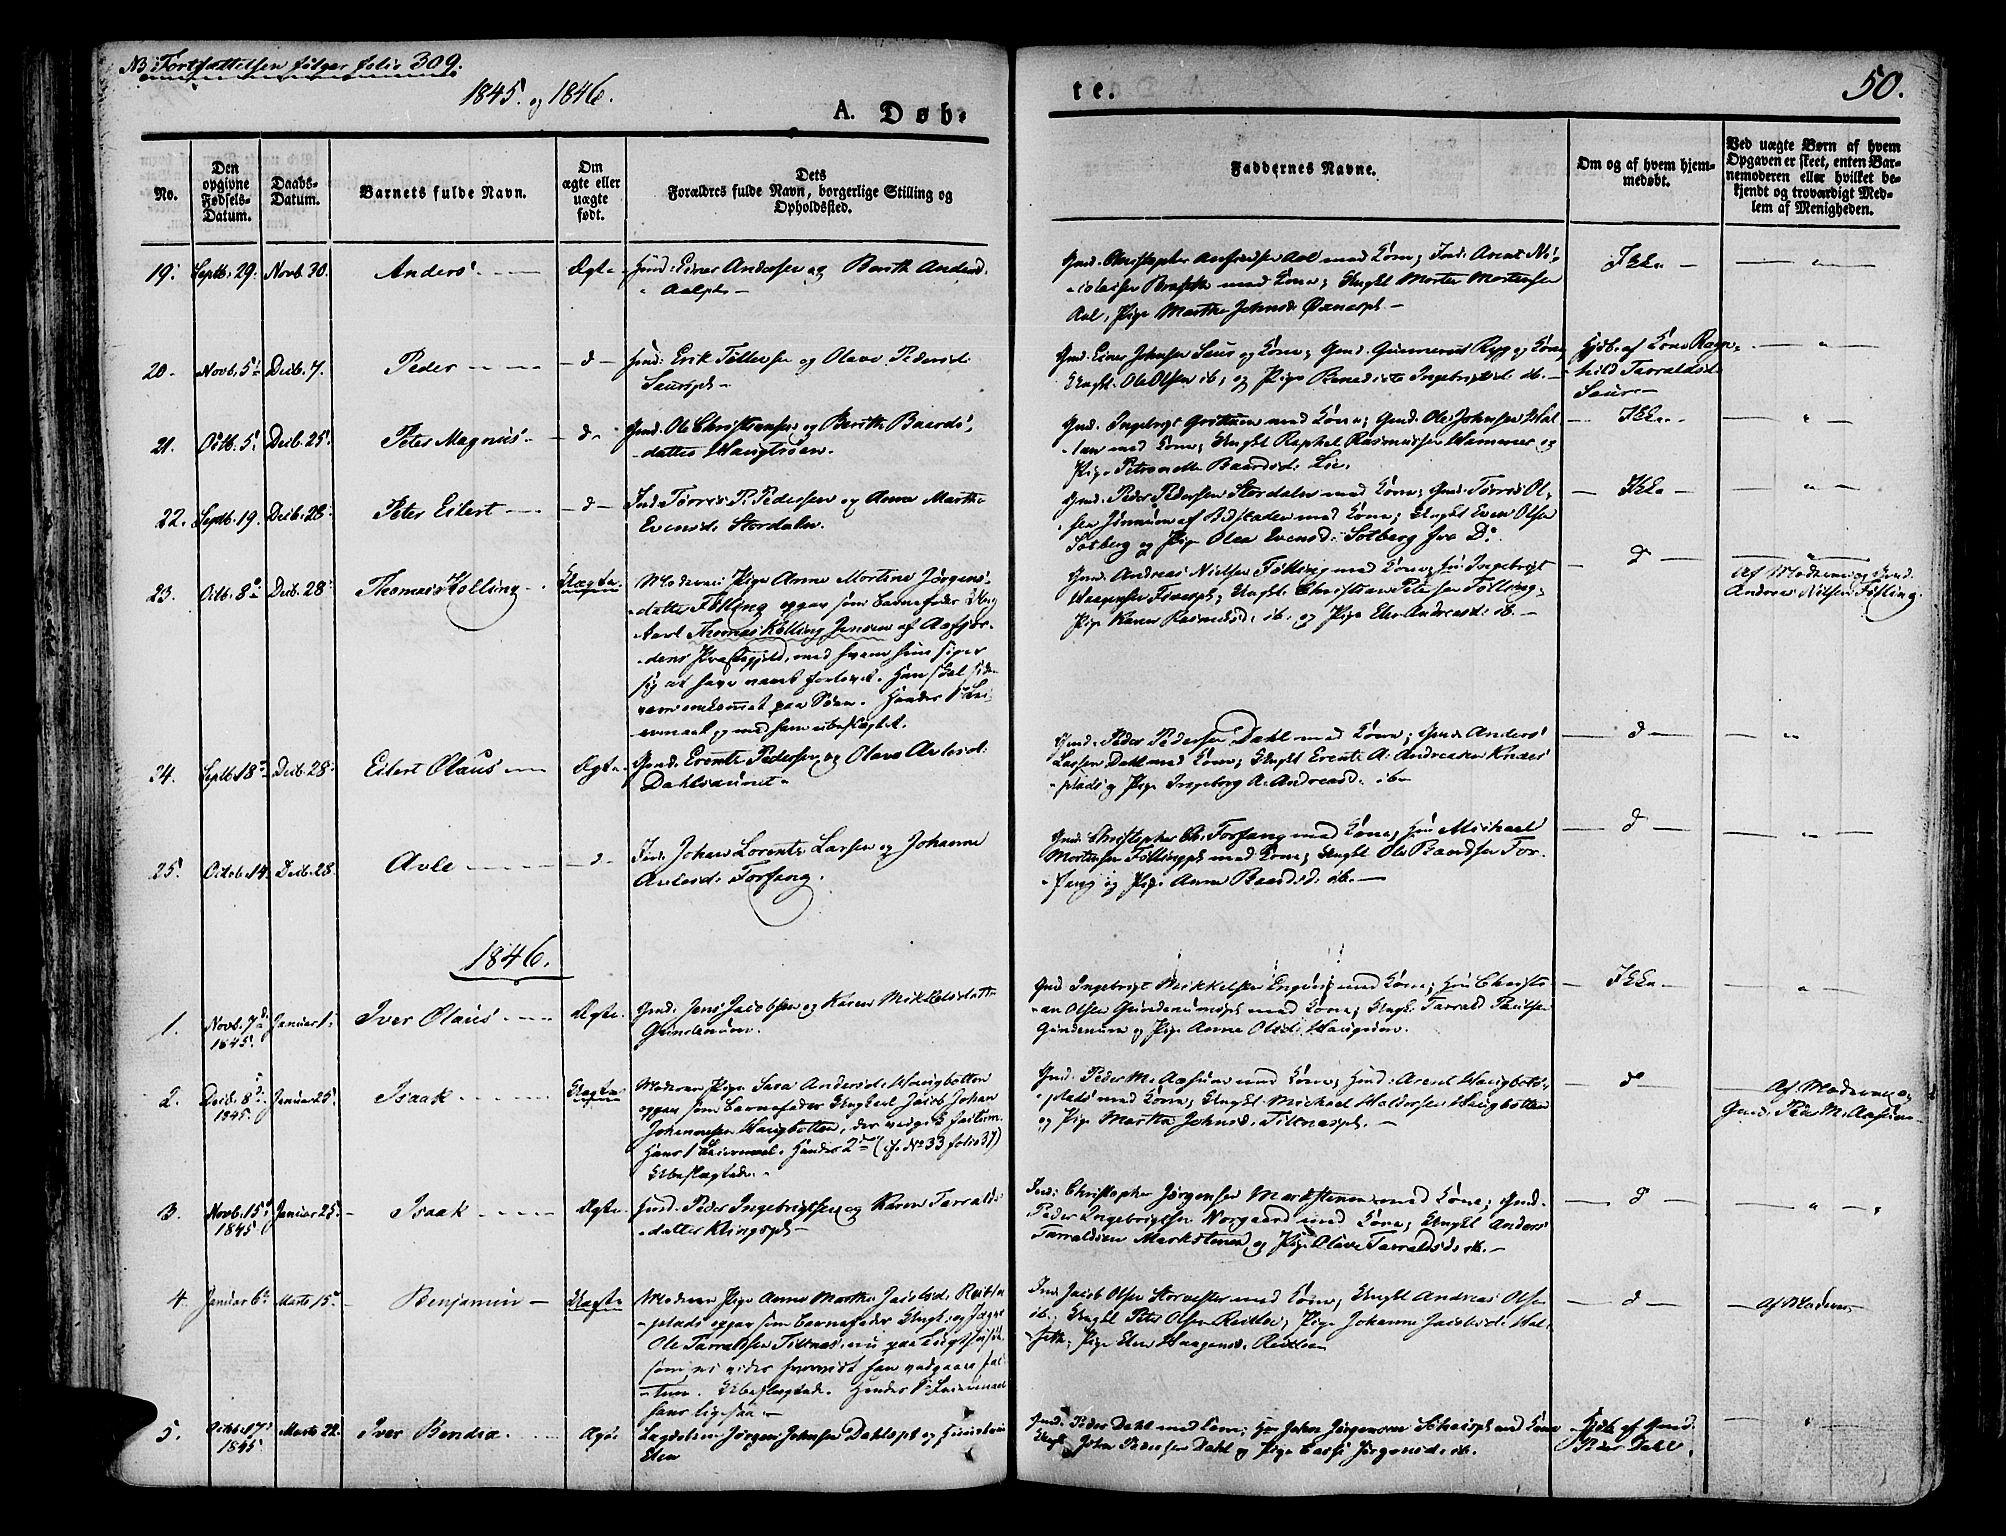 SAT, Ministerialprotokoller, klokkerbøker og fødselsregistre - Nord-Trøndelag, 746/L0445: Ministerialbok nr. 746A04, 1826-1846, s. 50